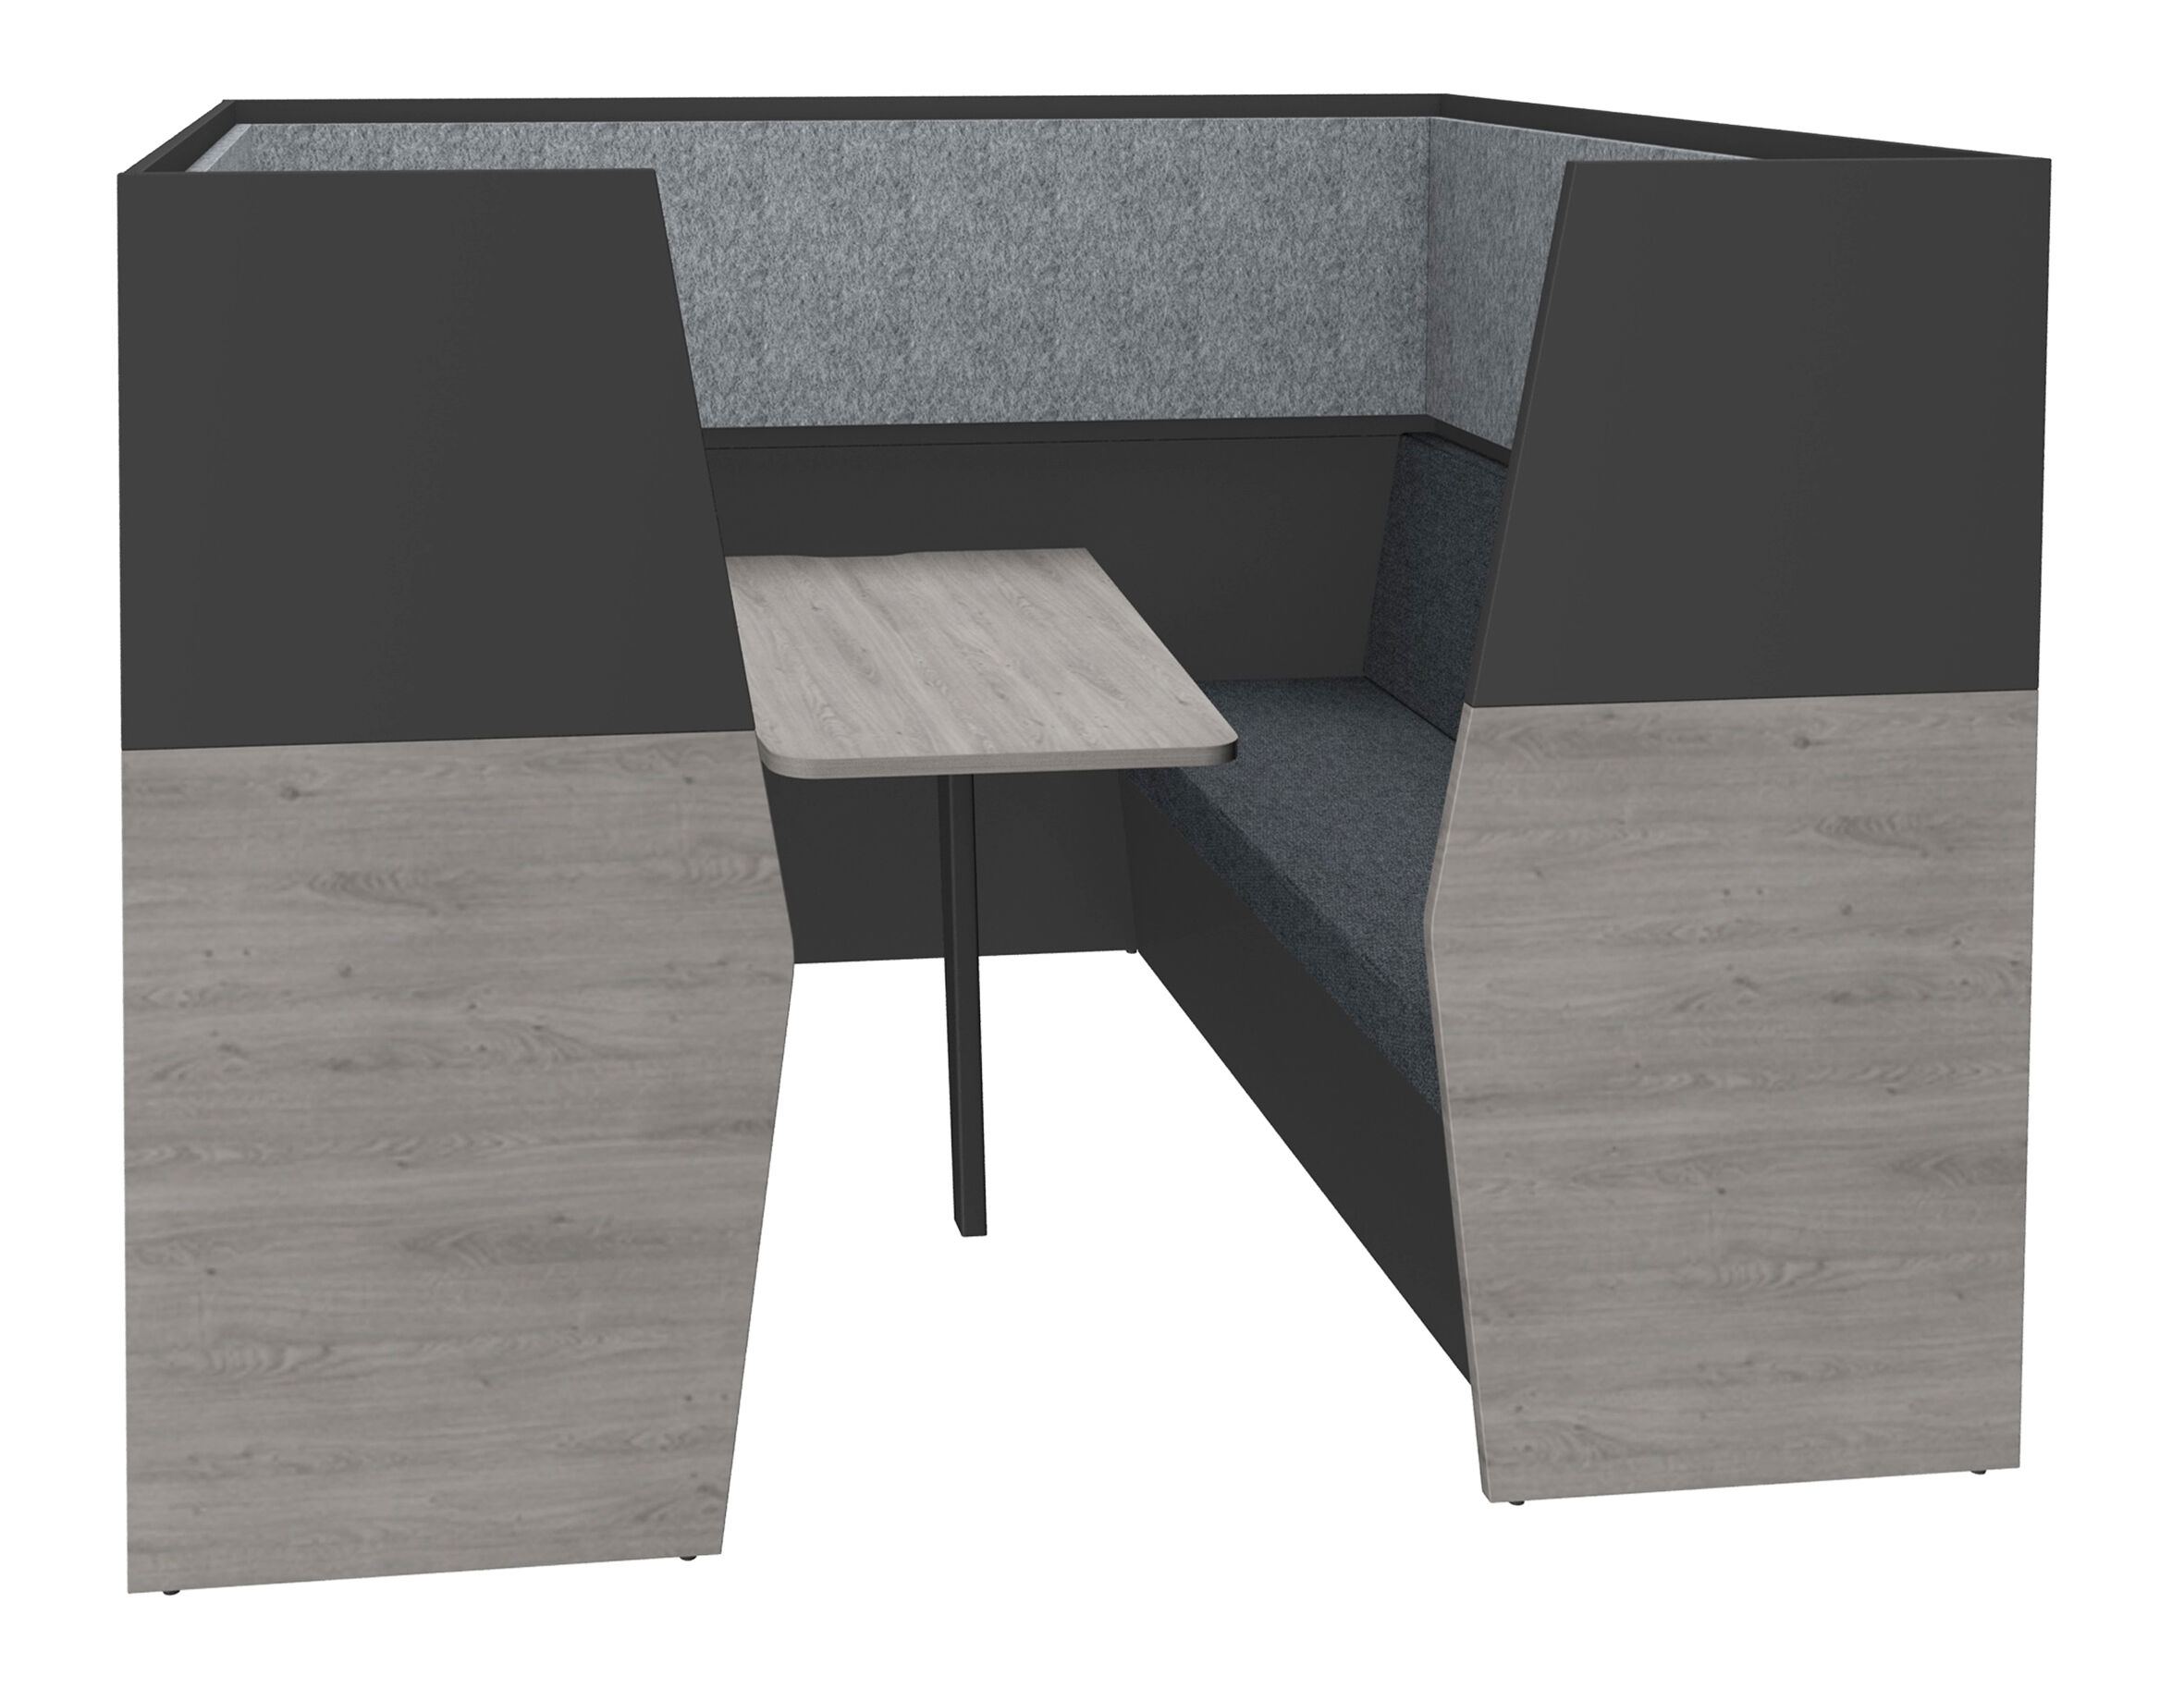 Box acoustique IN'TEAM - L210 x H 150 x P170 cm - 6 places avec table - structure chêne gris et carbone - panneaux gris chiné